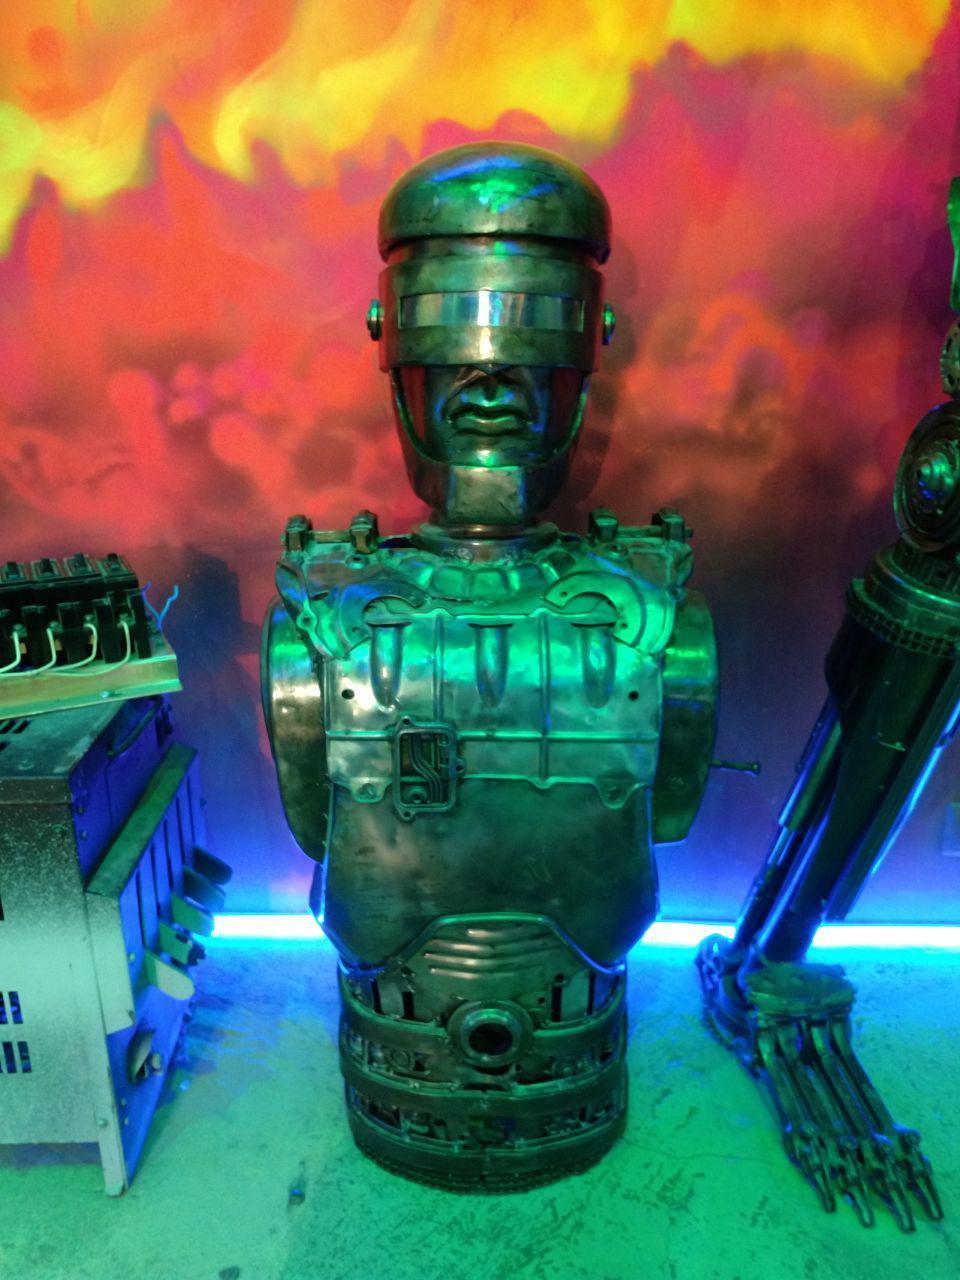 Московский Музей восстания машин - Батин Блог